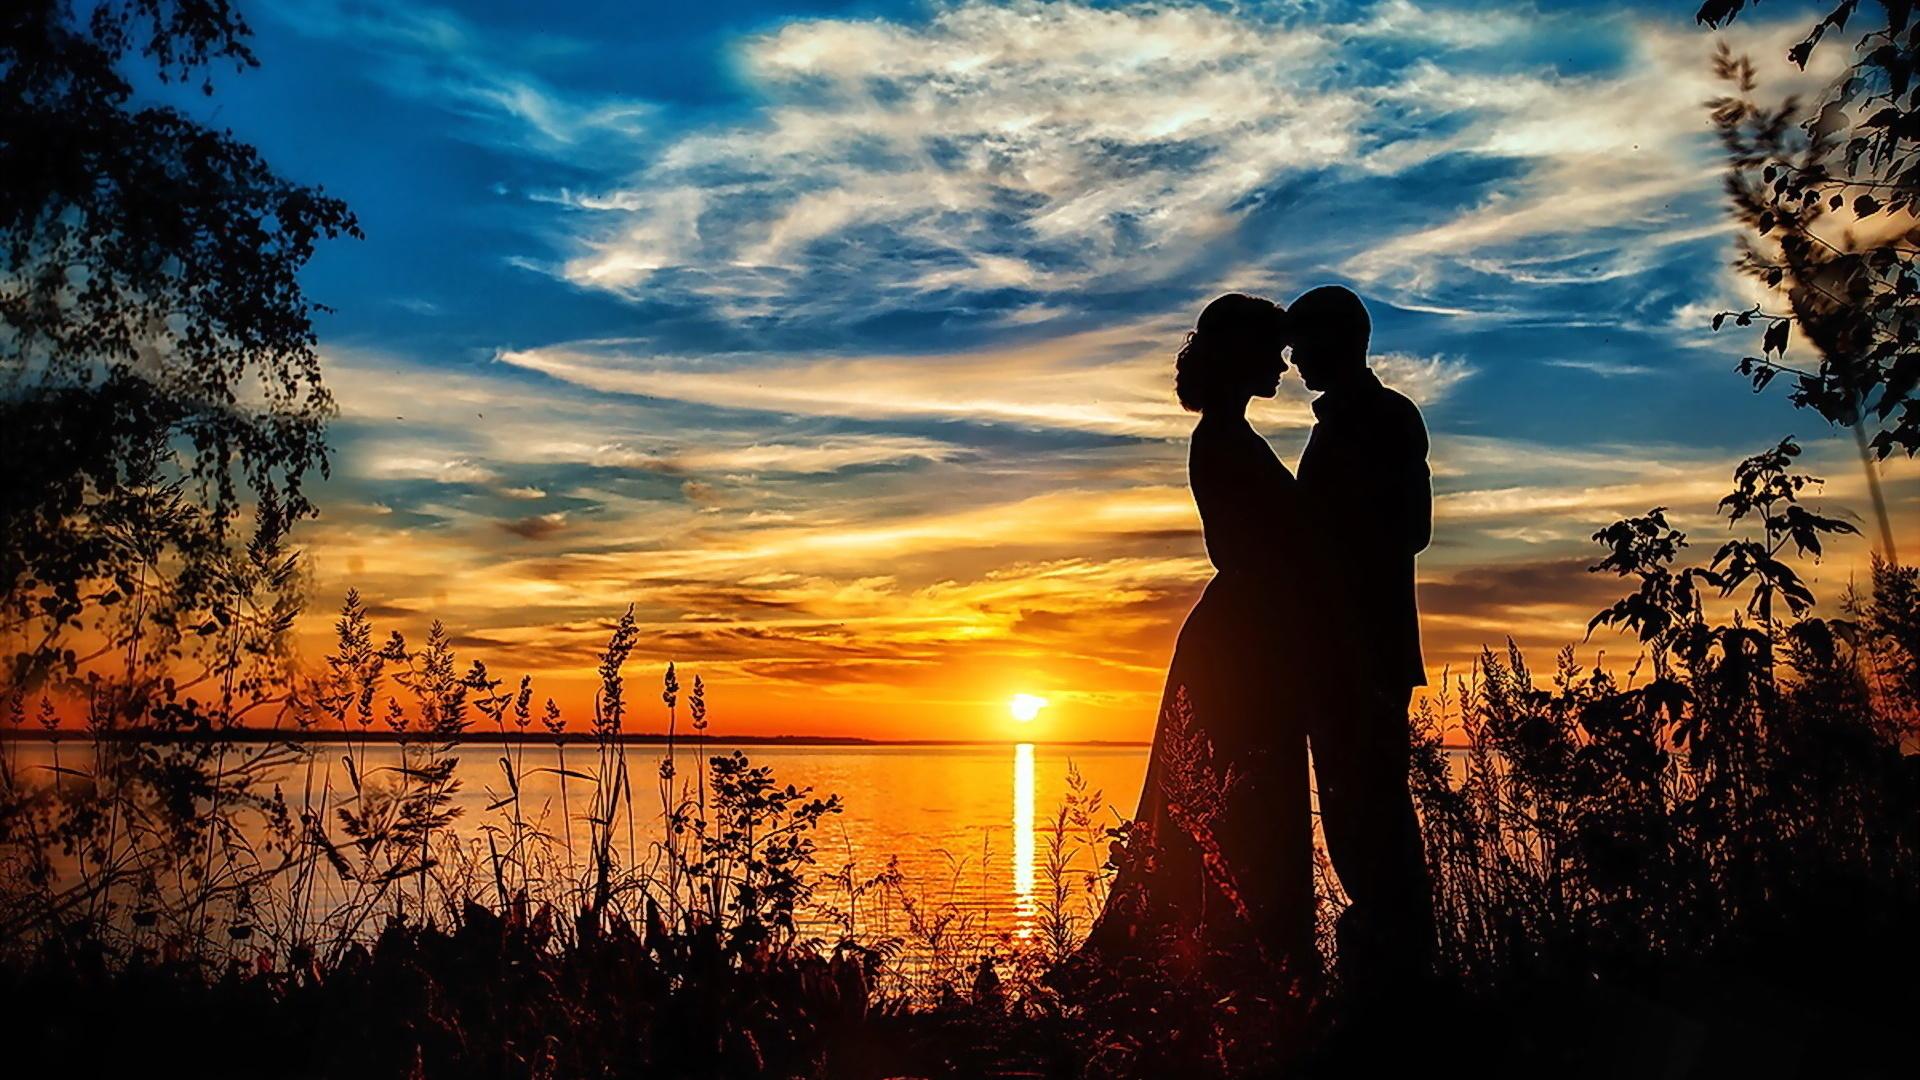 Картинки на тему любви и романтики